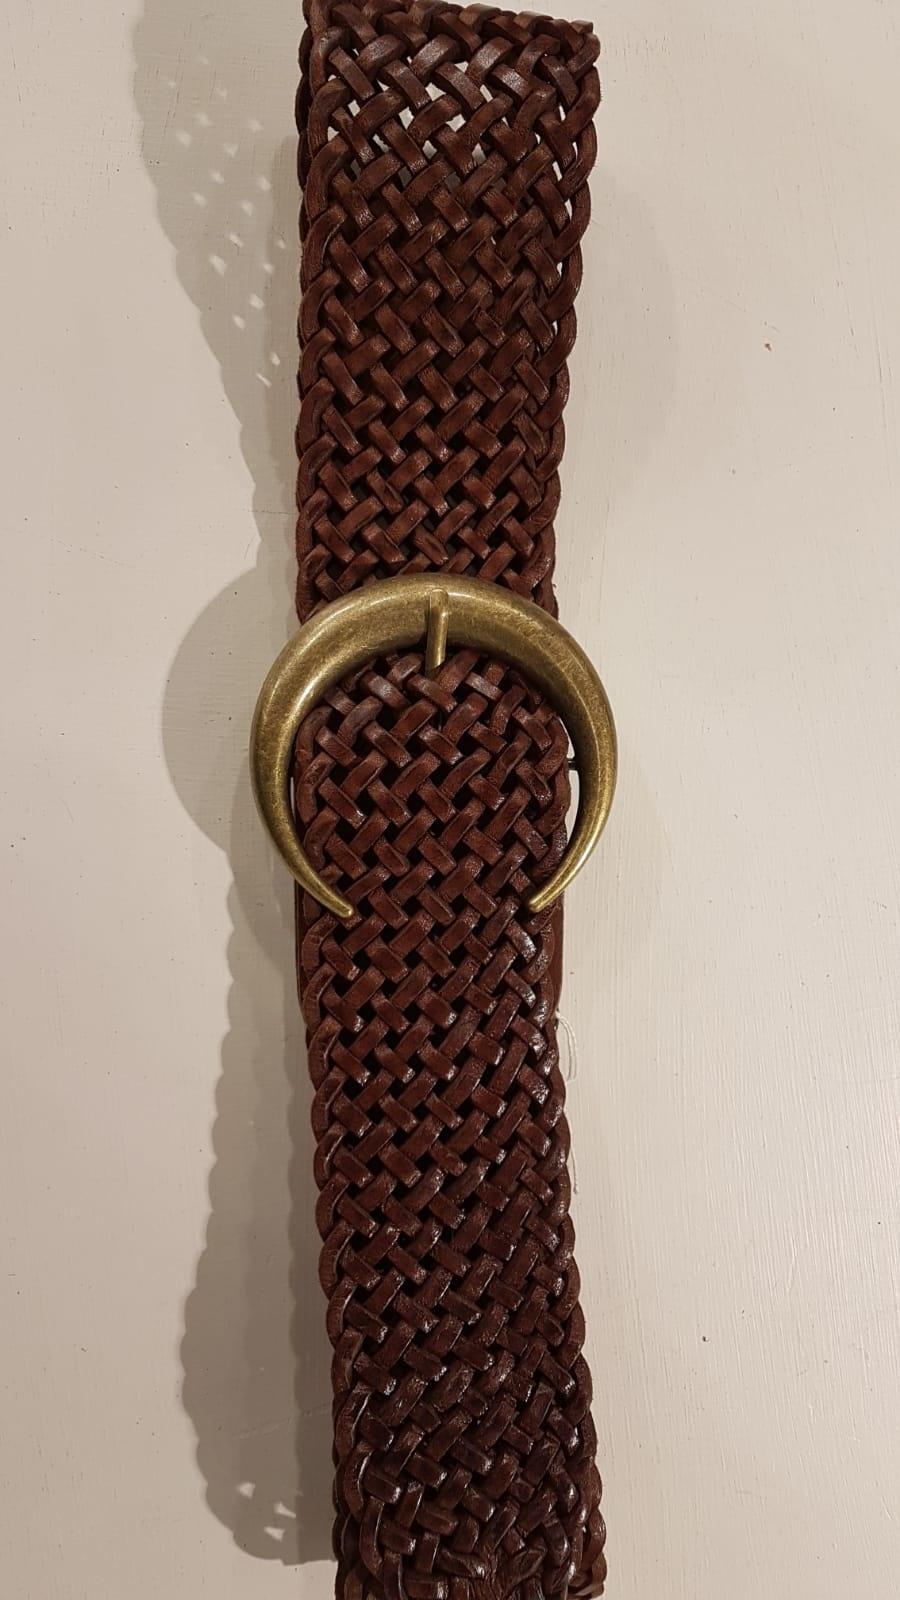 Brauner geflochtener Ledergürtel mit einem bronzefarbener Schnalle